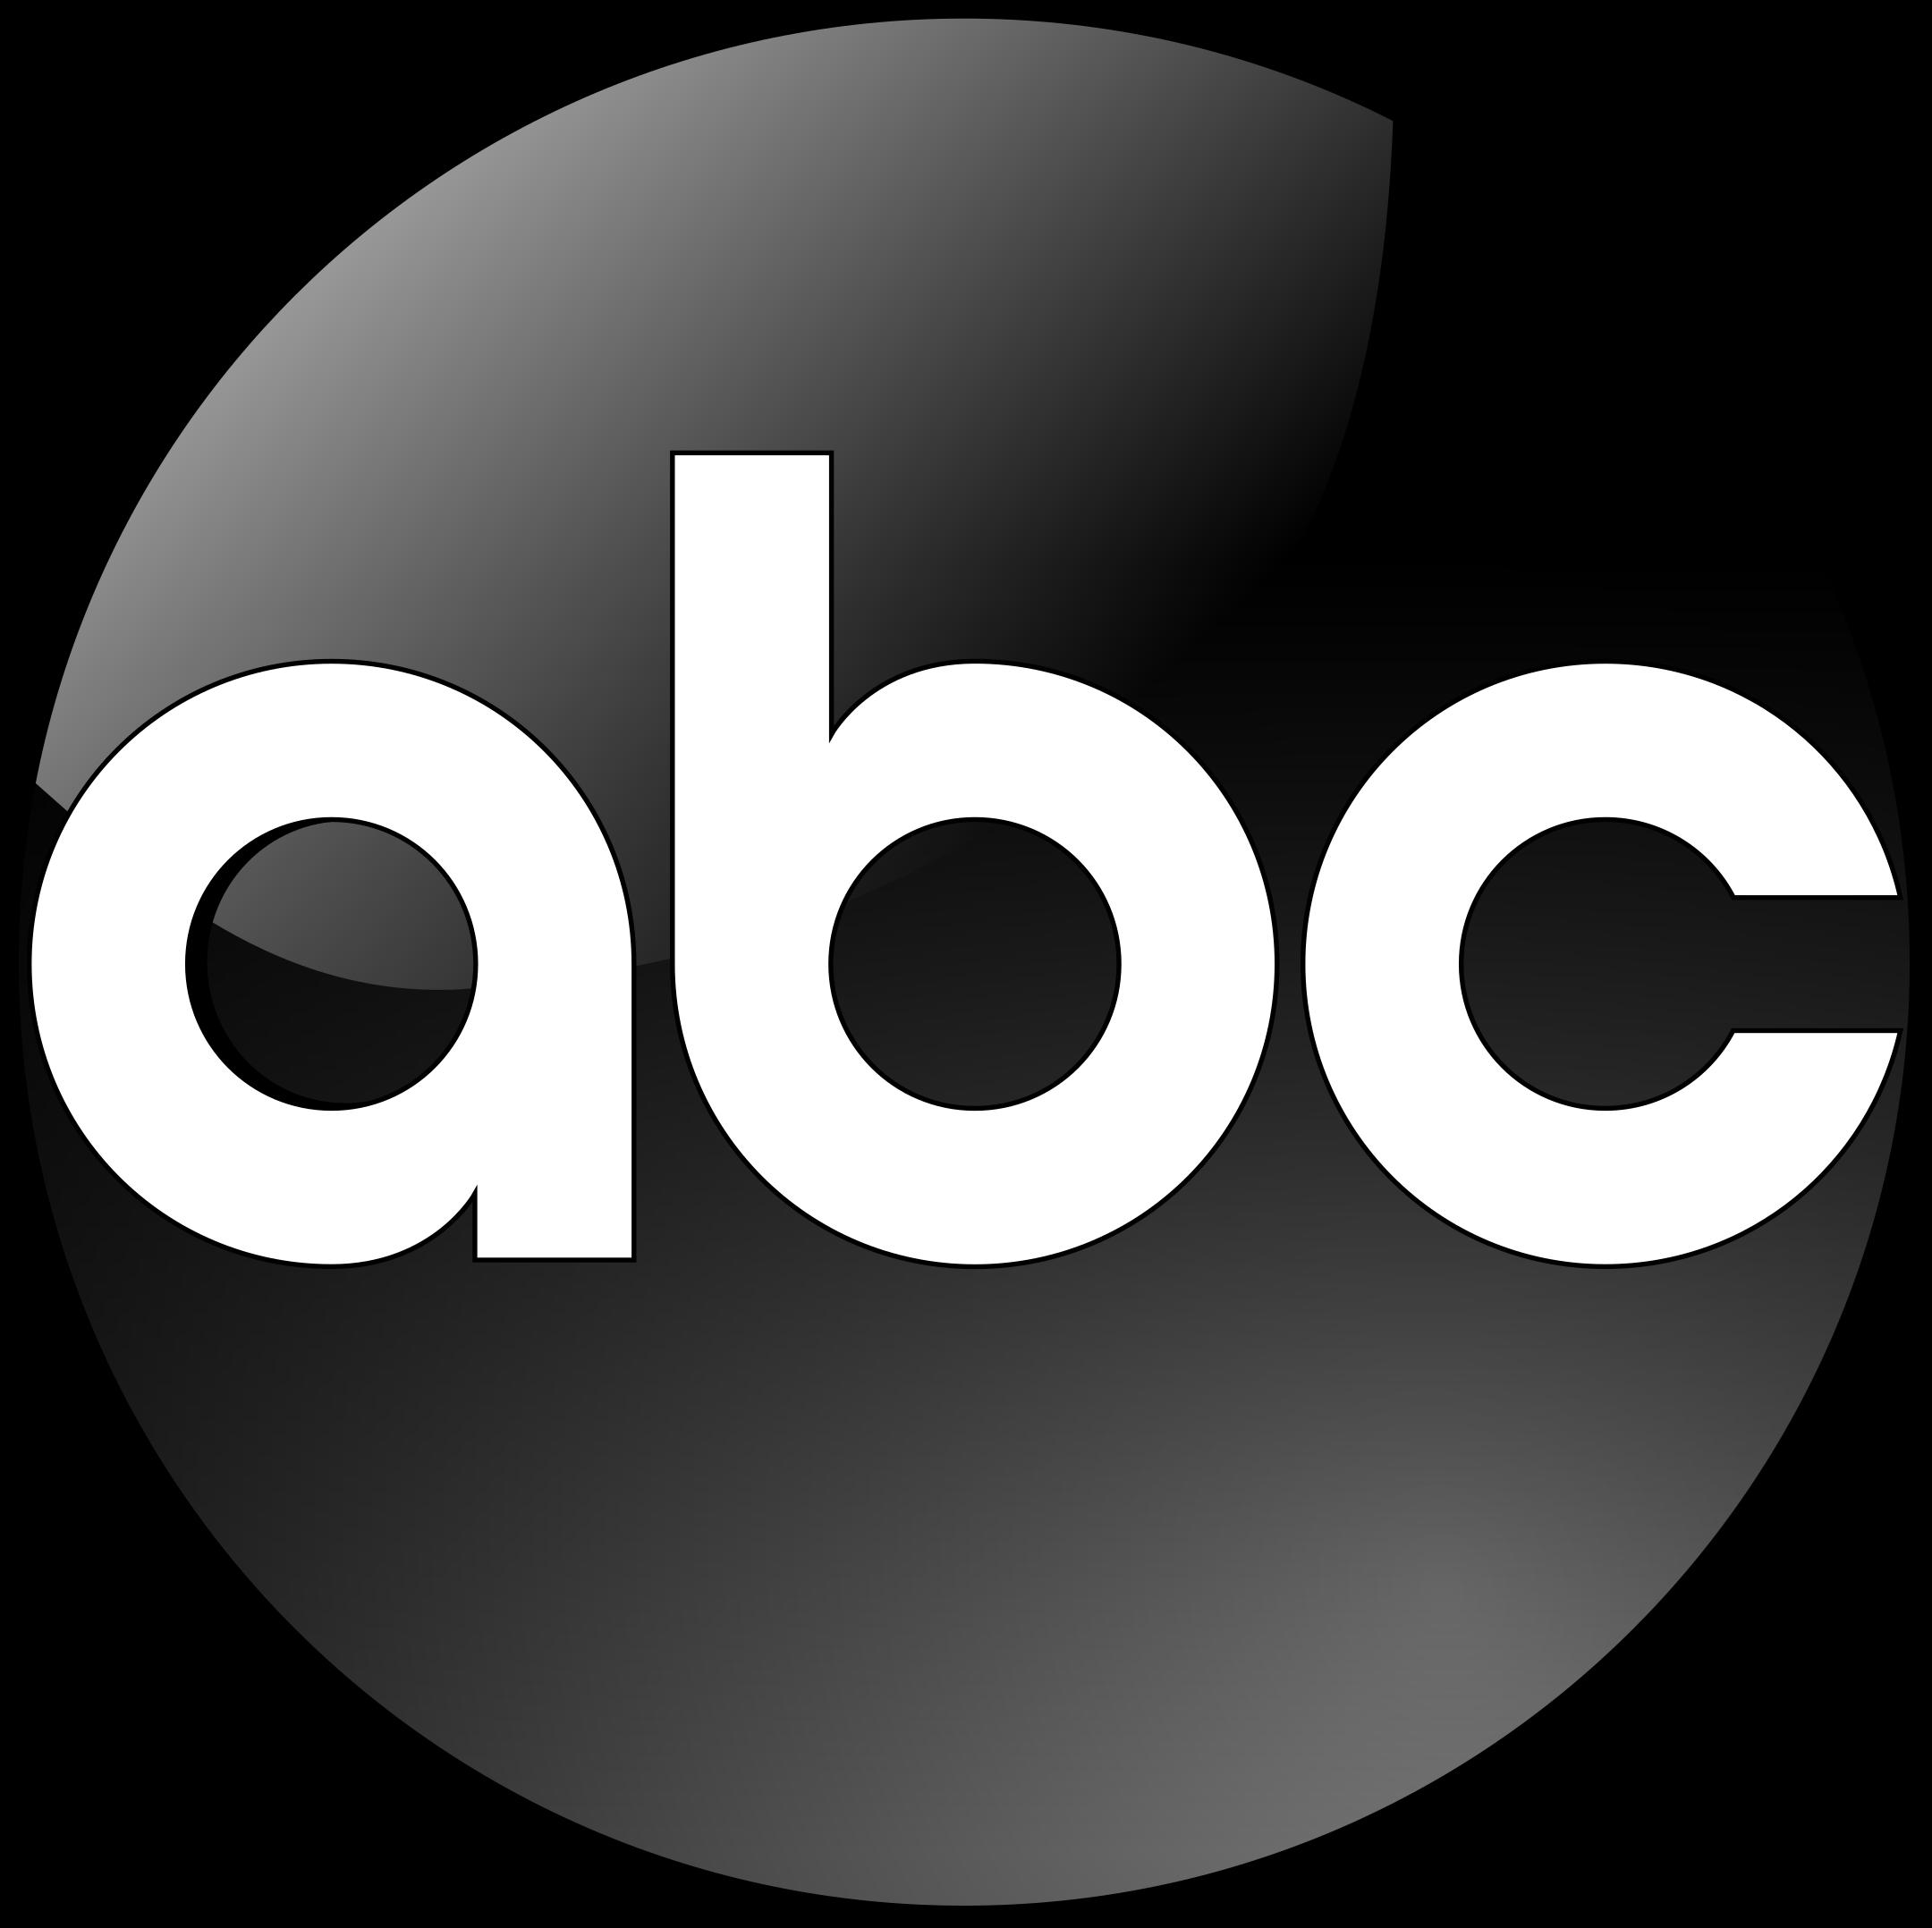 abc logo 1 - ABC Logo